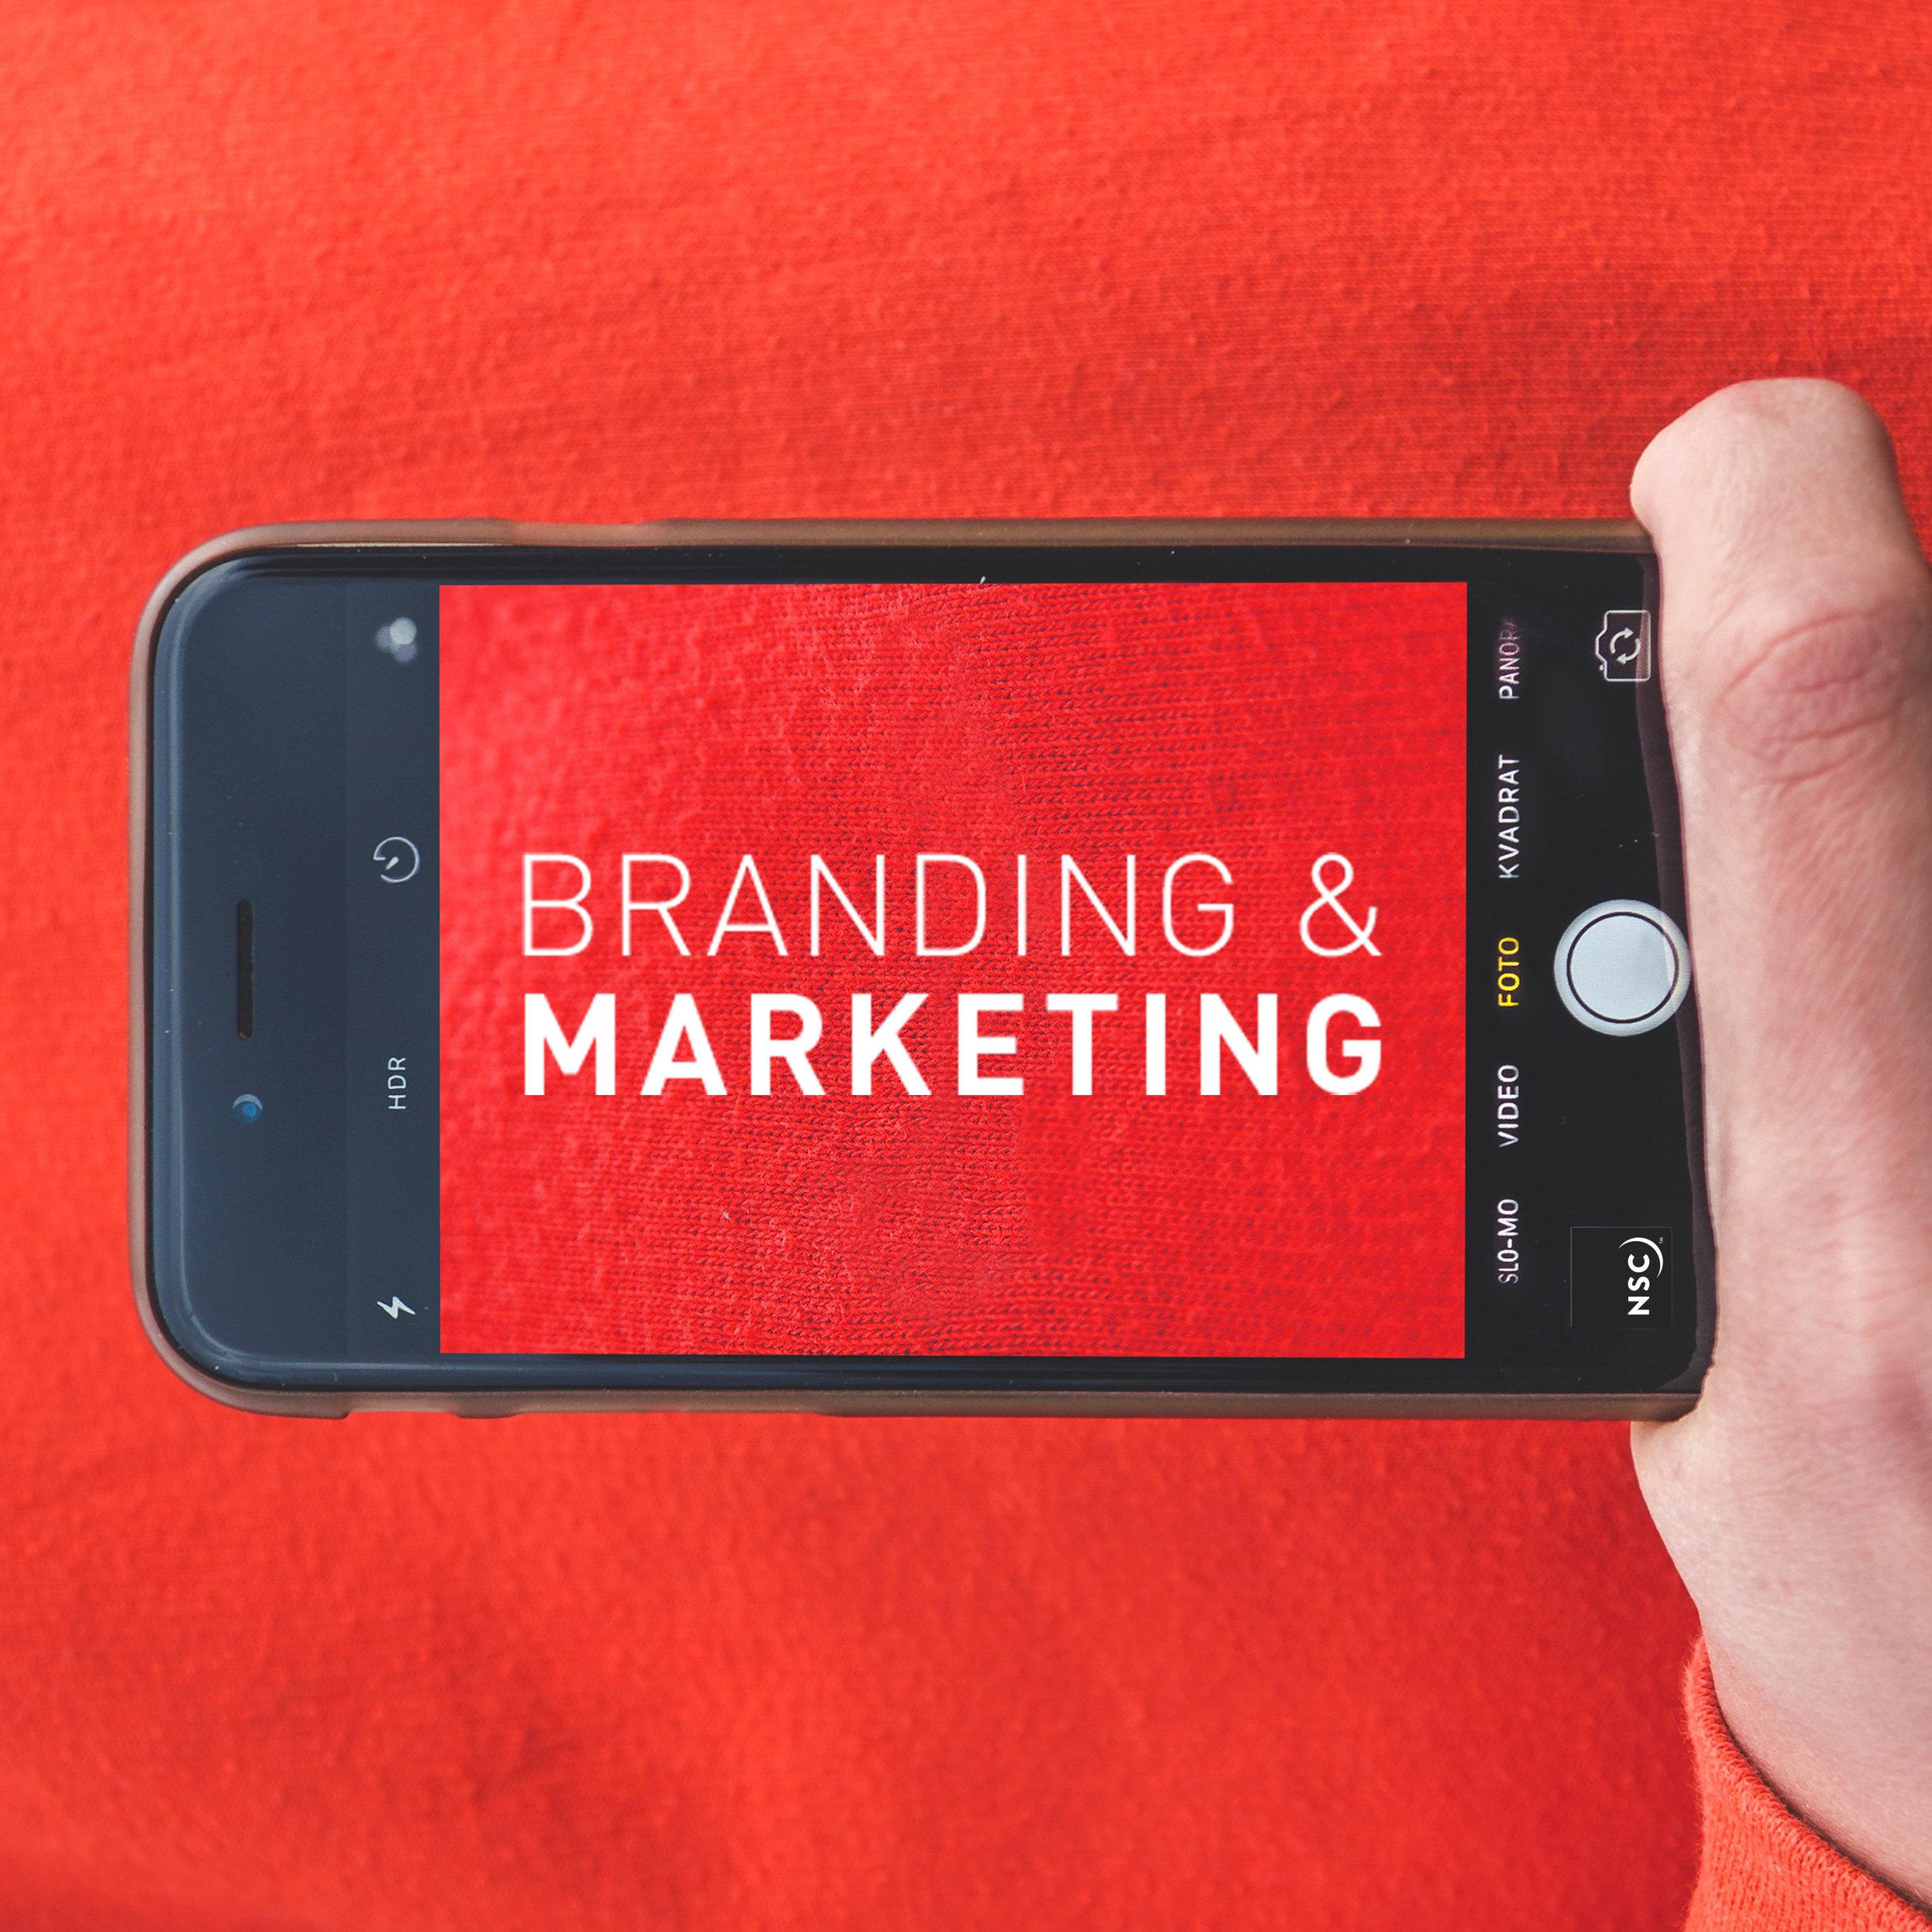 BrandingAndMarketing.jpg